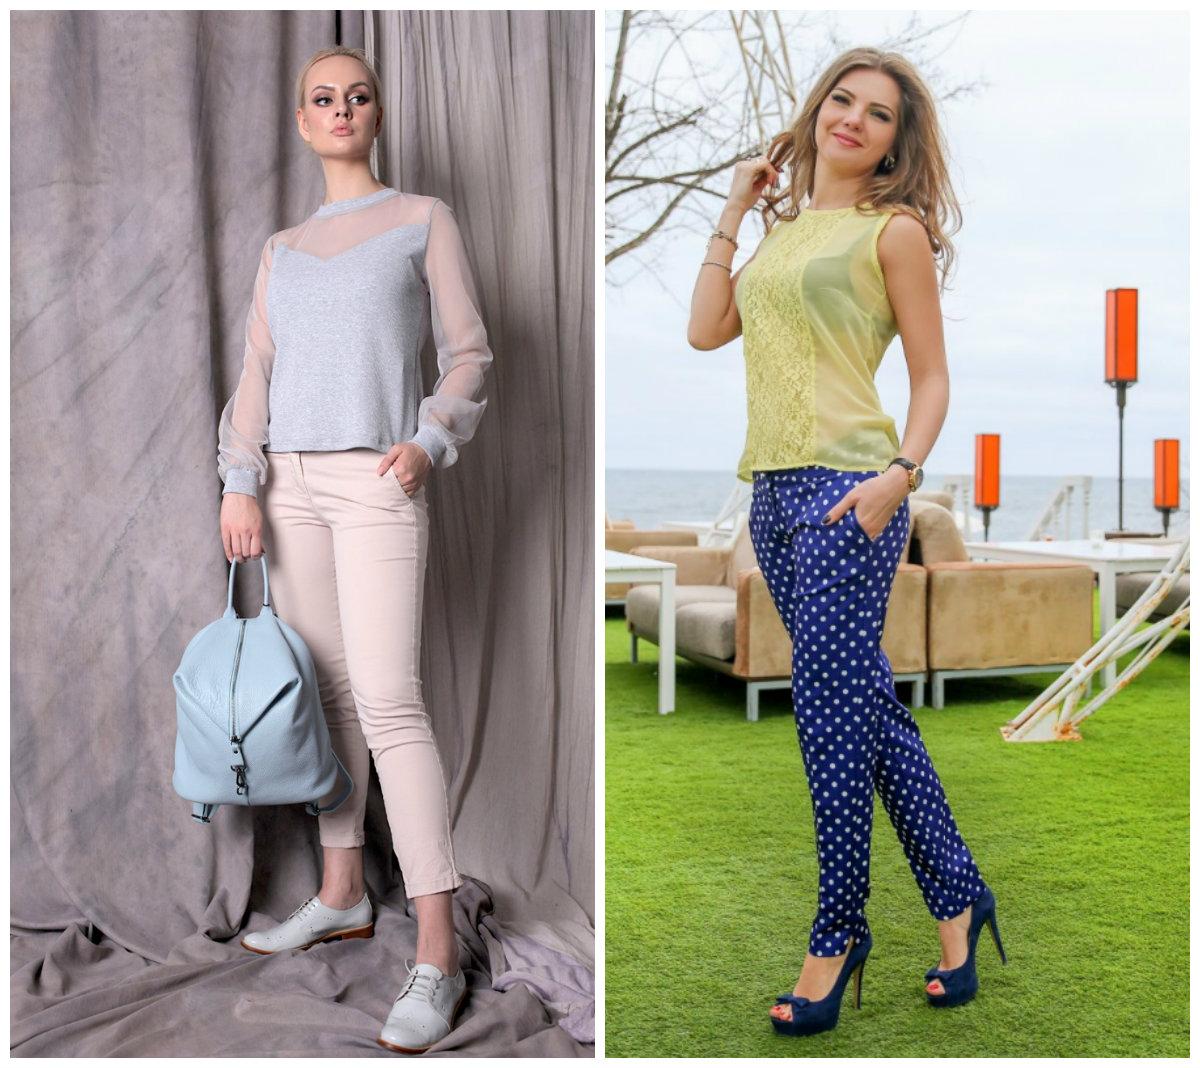 Широкие летние и брюки женские 2019 года Брюки-женские-2019-года-модные-тенденции-фото-654.jpg